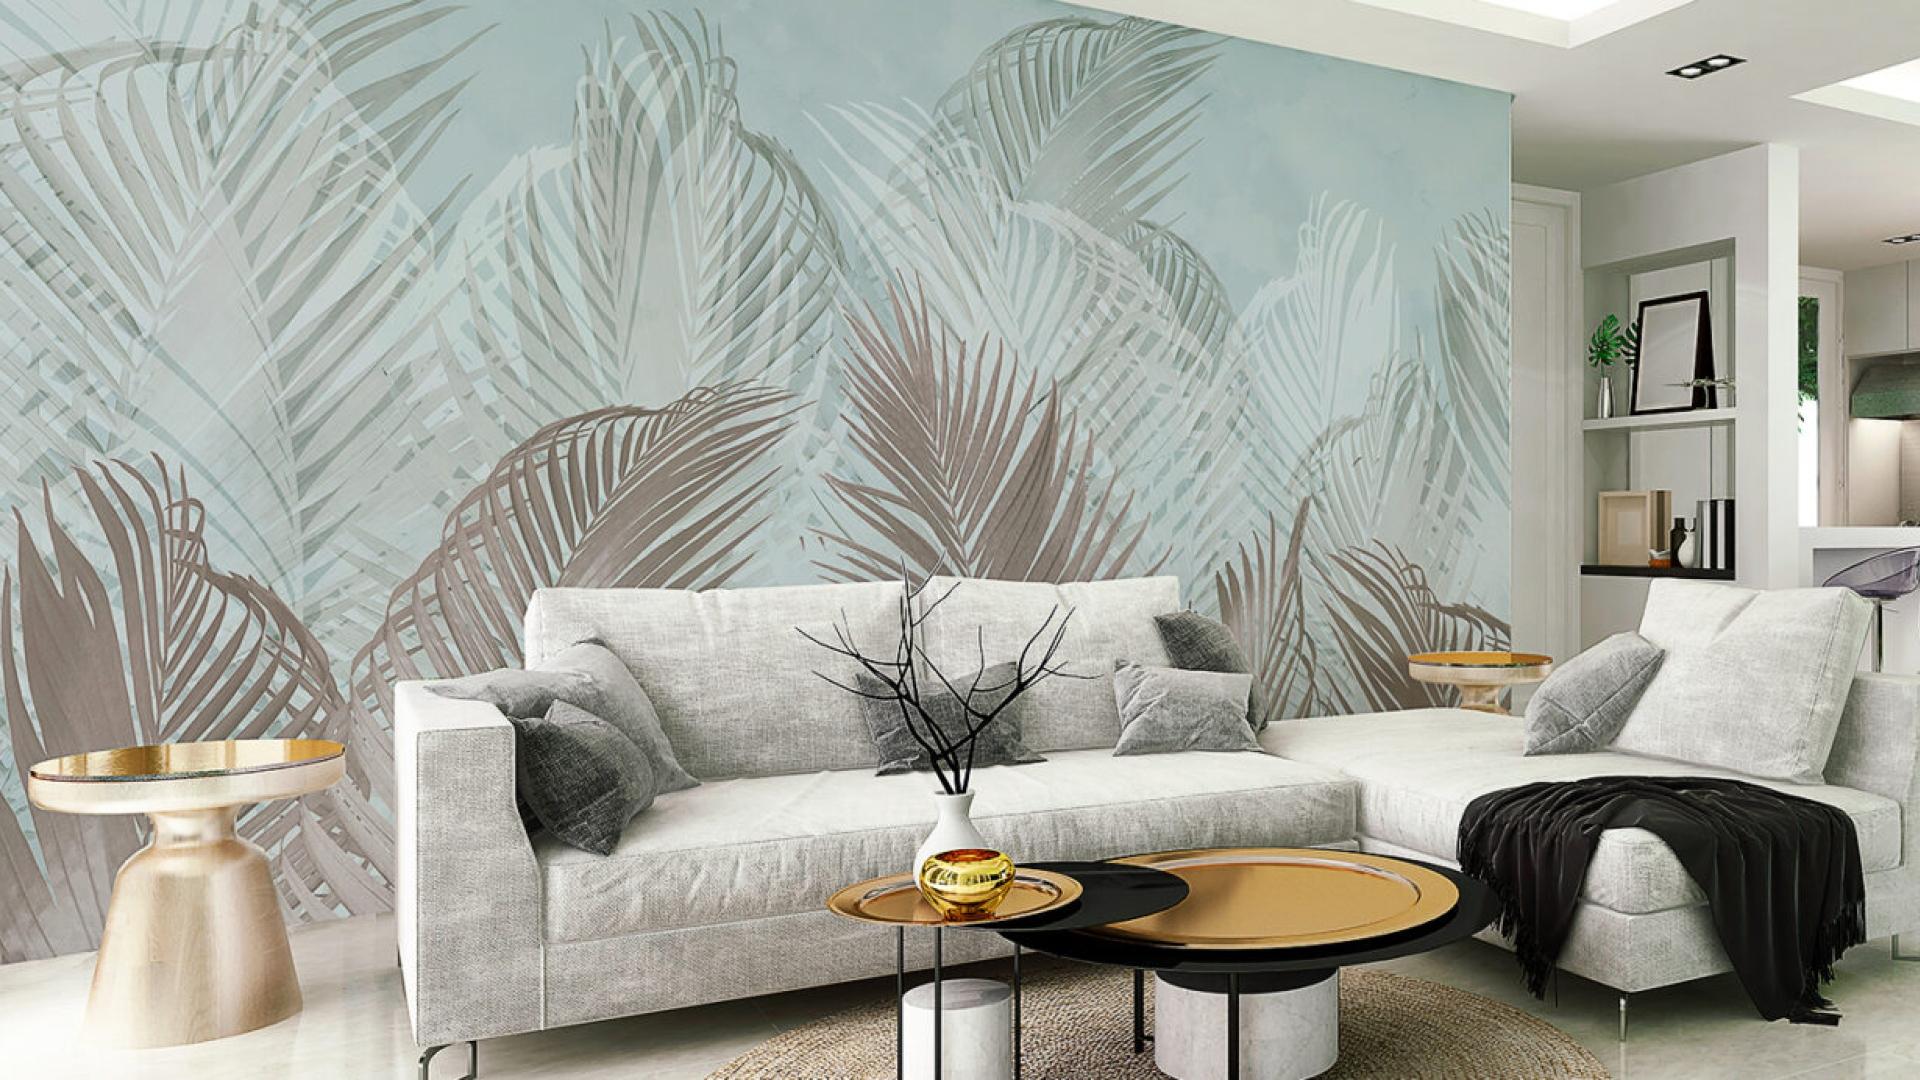 Remontujesz mieszkanie? Oto najmodniejsze kolory ścian w 2021 roku!